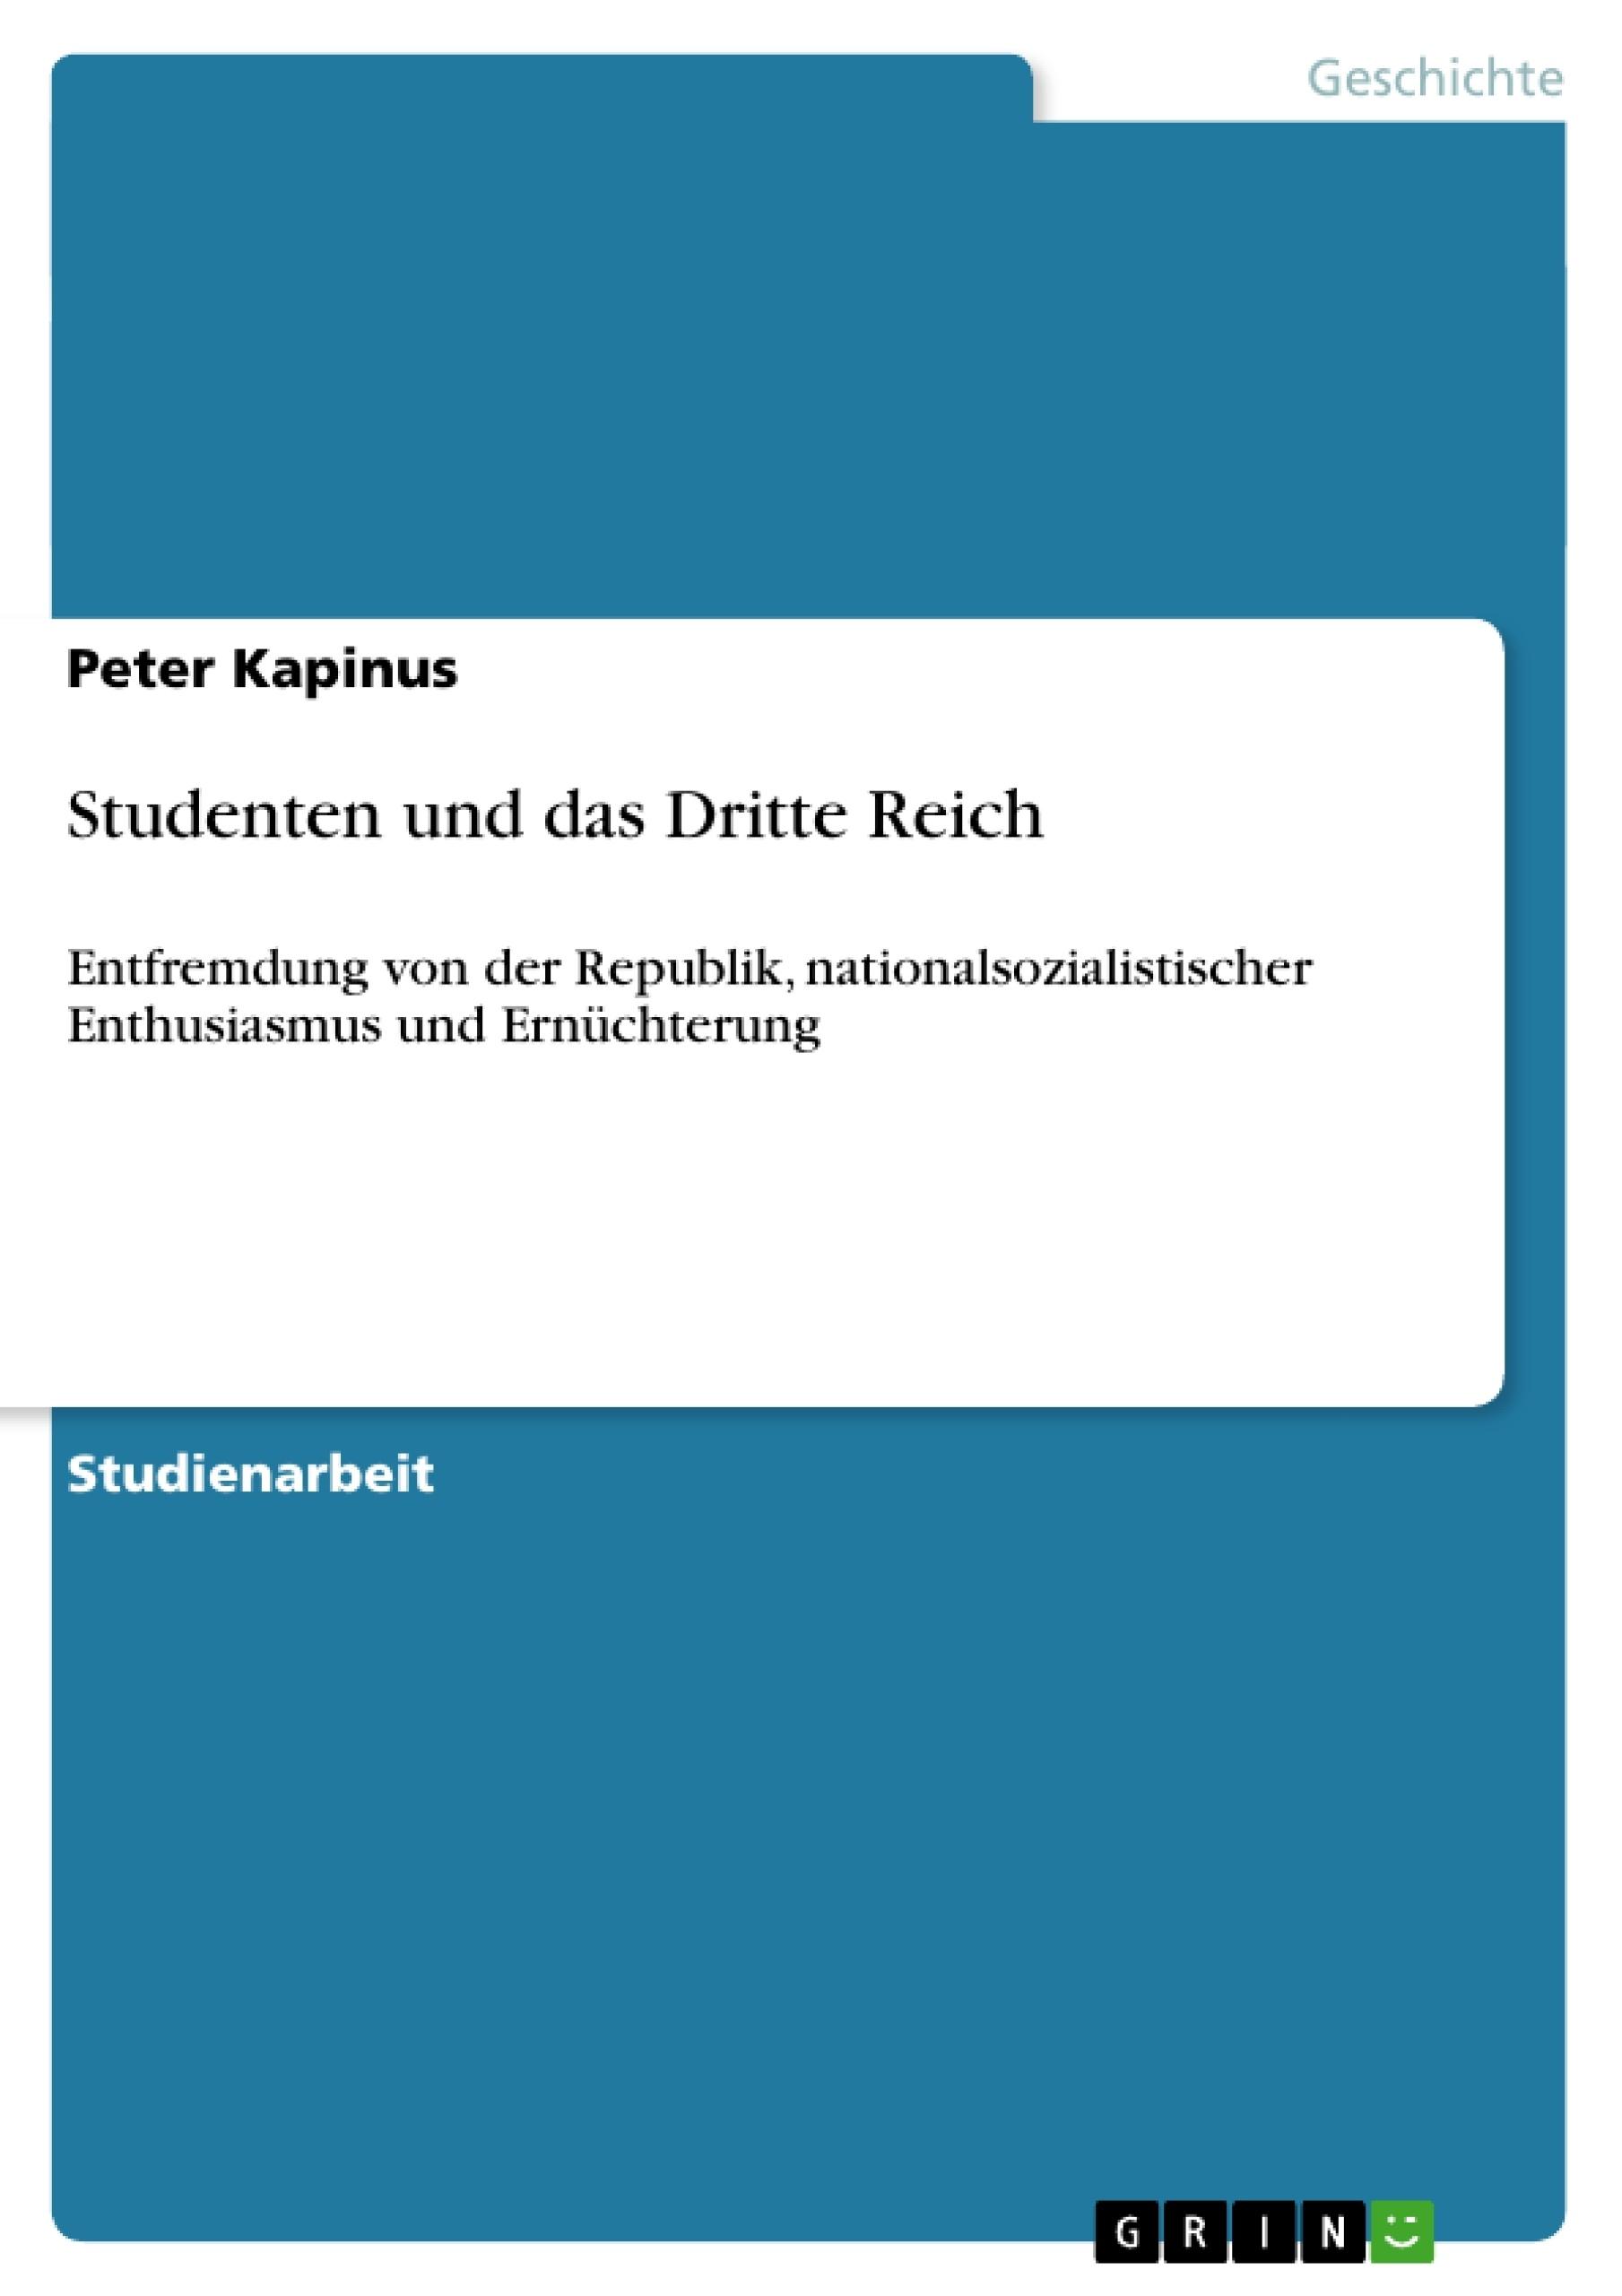 Titel: Studenten und das Dritte Reich